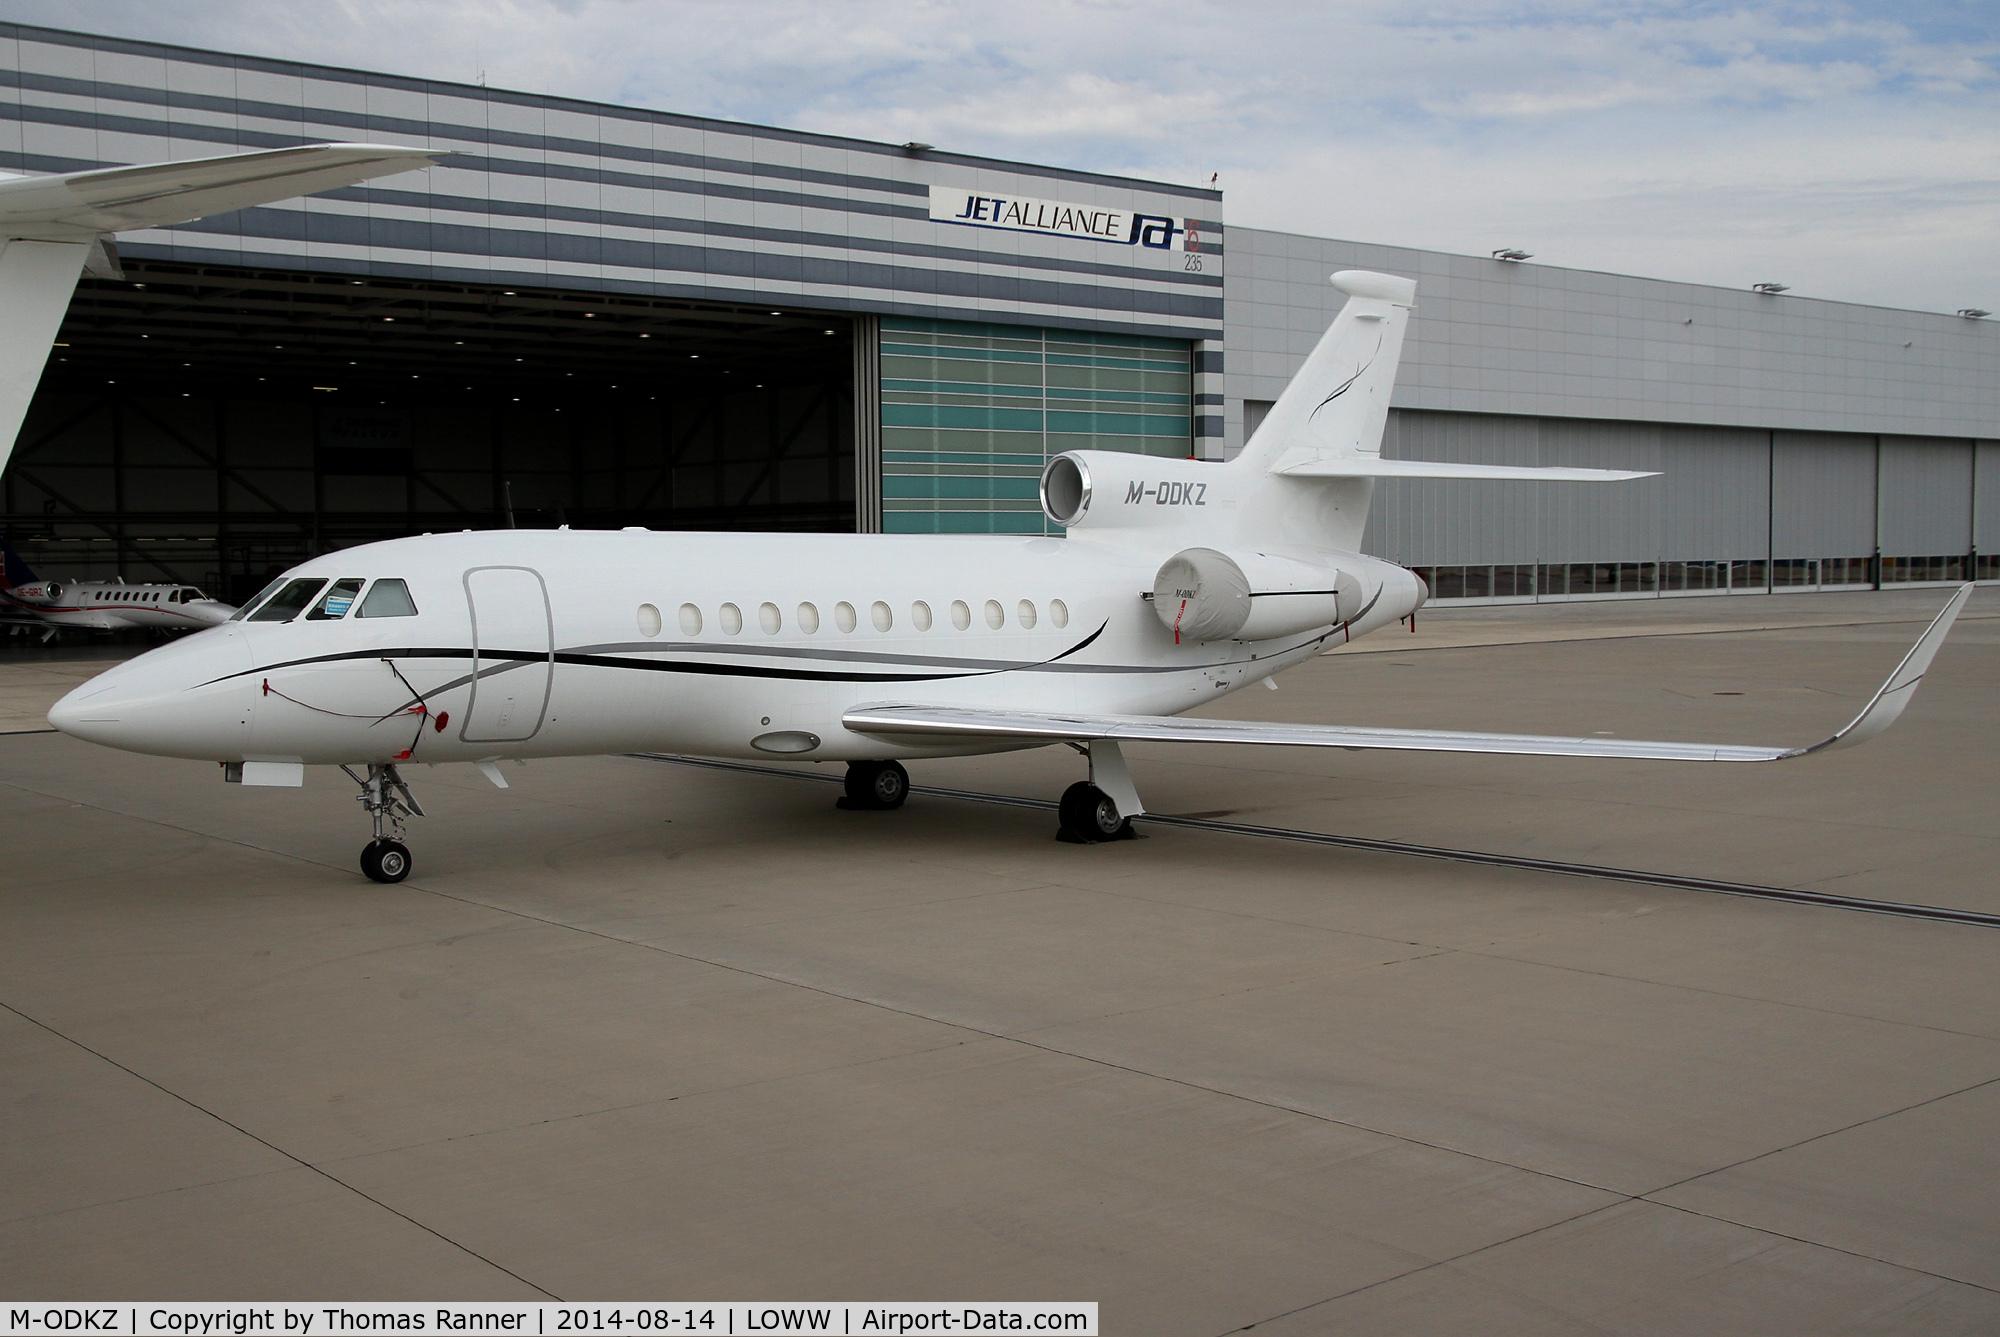 M-ODKZ, 2001 Dassault Falcon 900EX C/N 86, Falcon 900